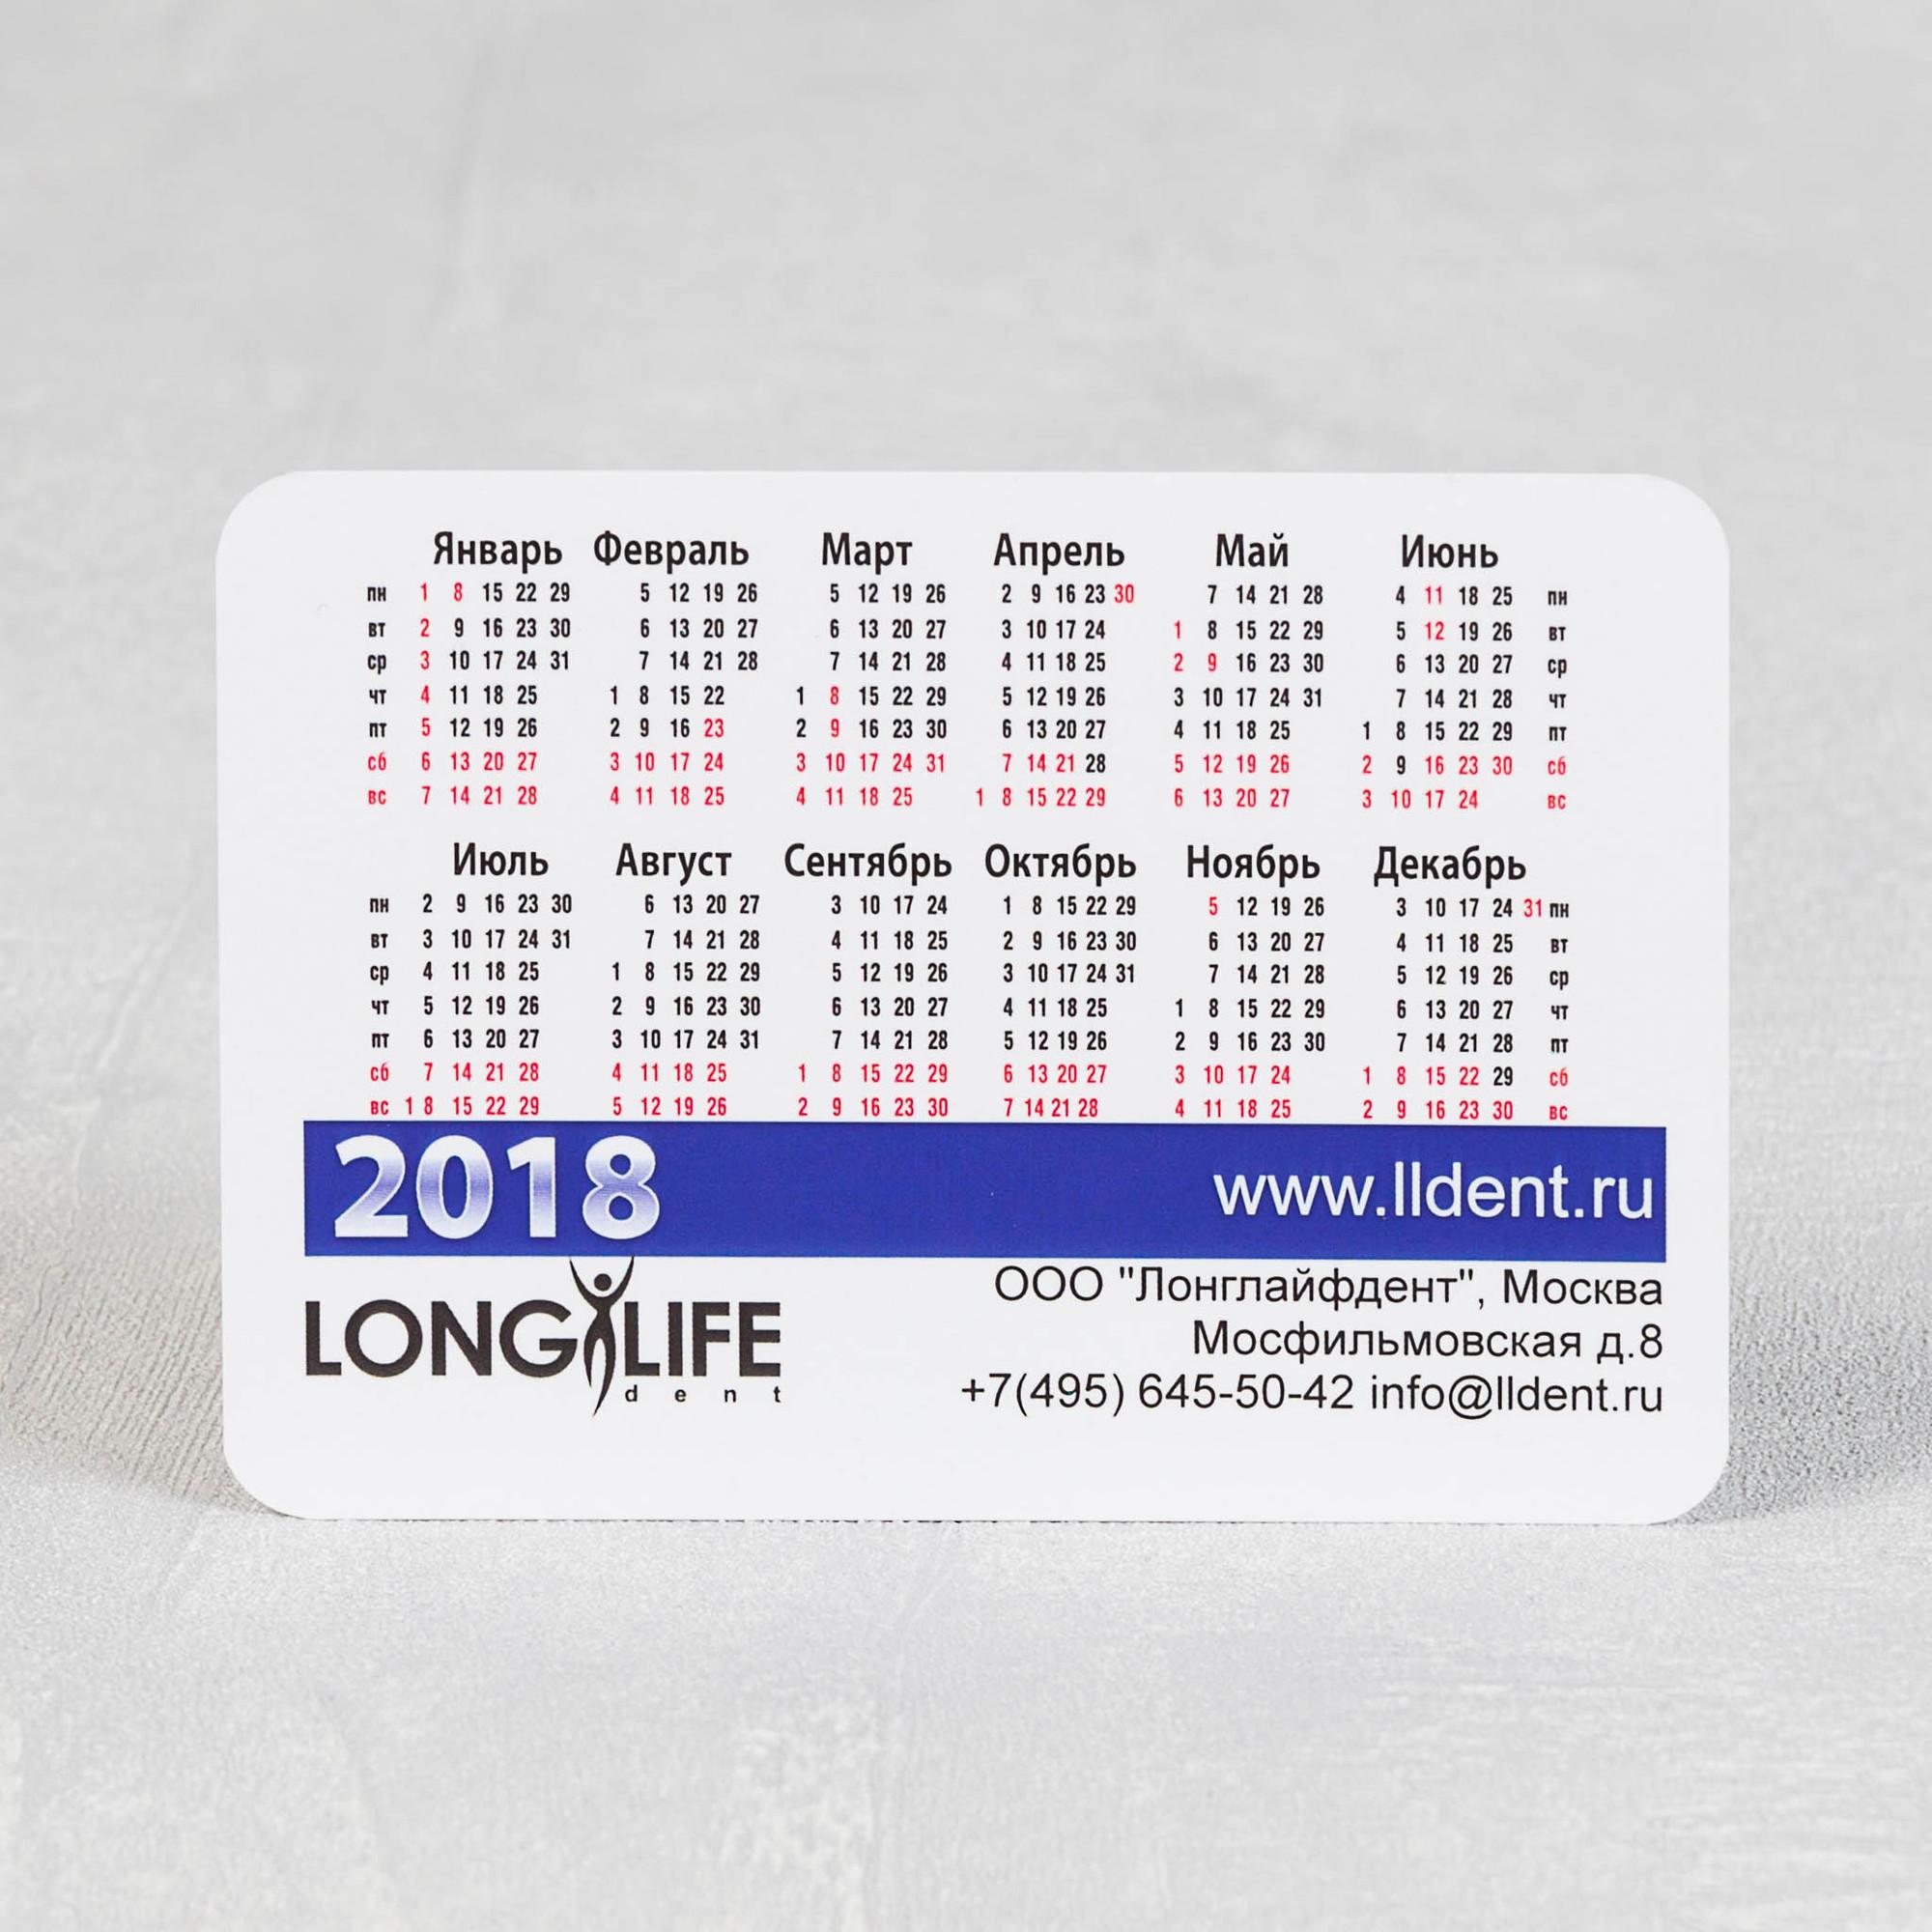 Каленадрная сетка карманного календаря из готовйх шаблонов